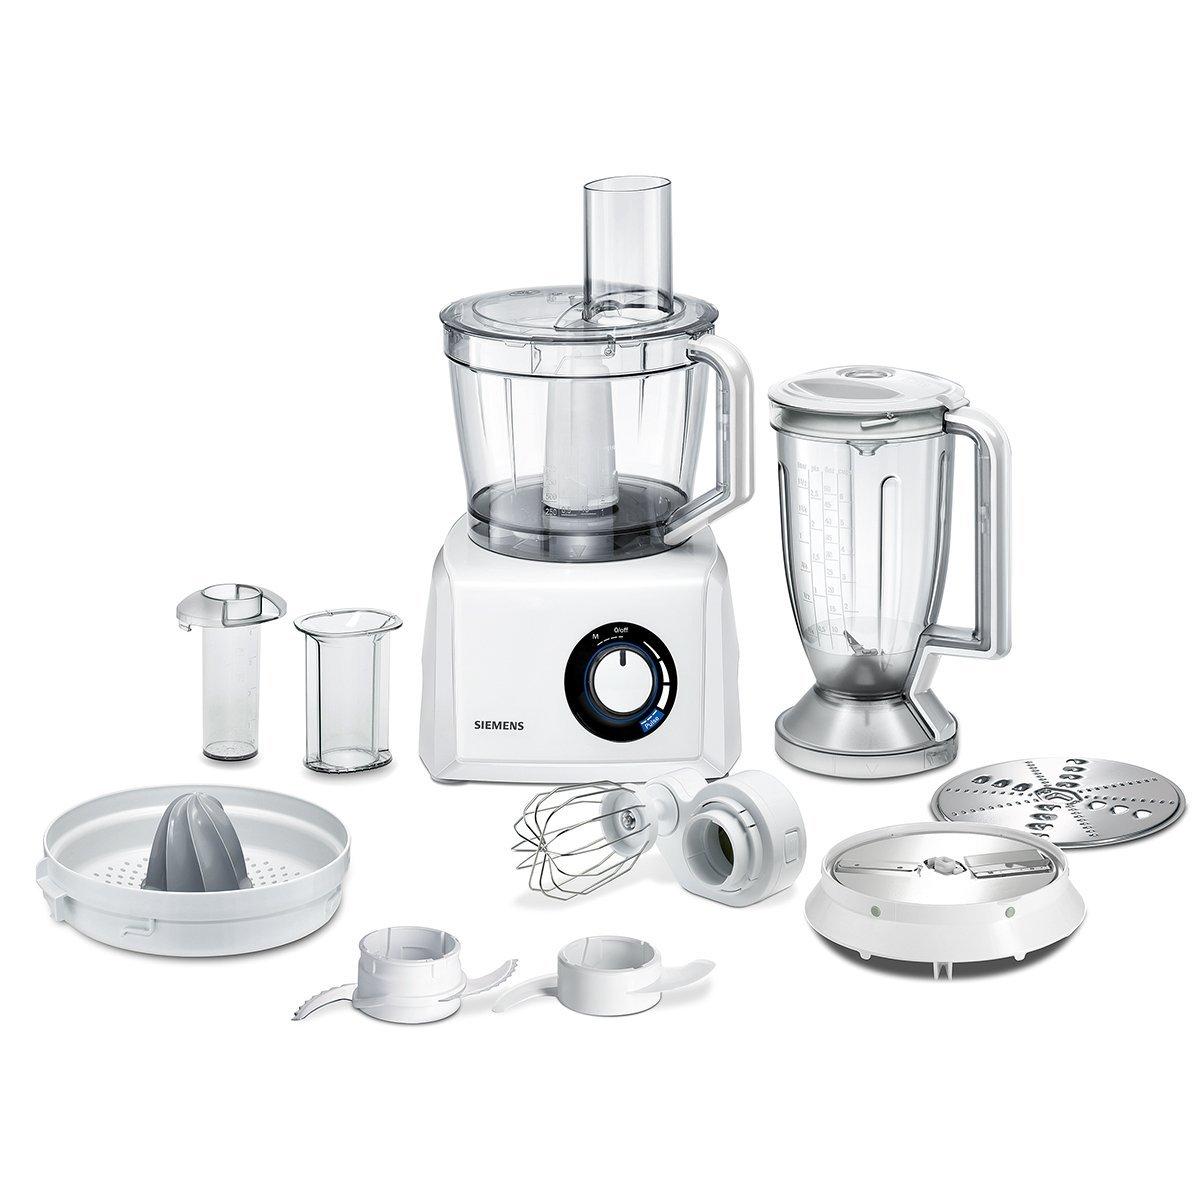 Was kann alles mit einer Küchenmaschine zubereitet werden?